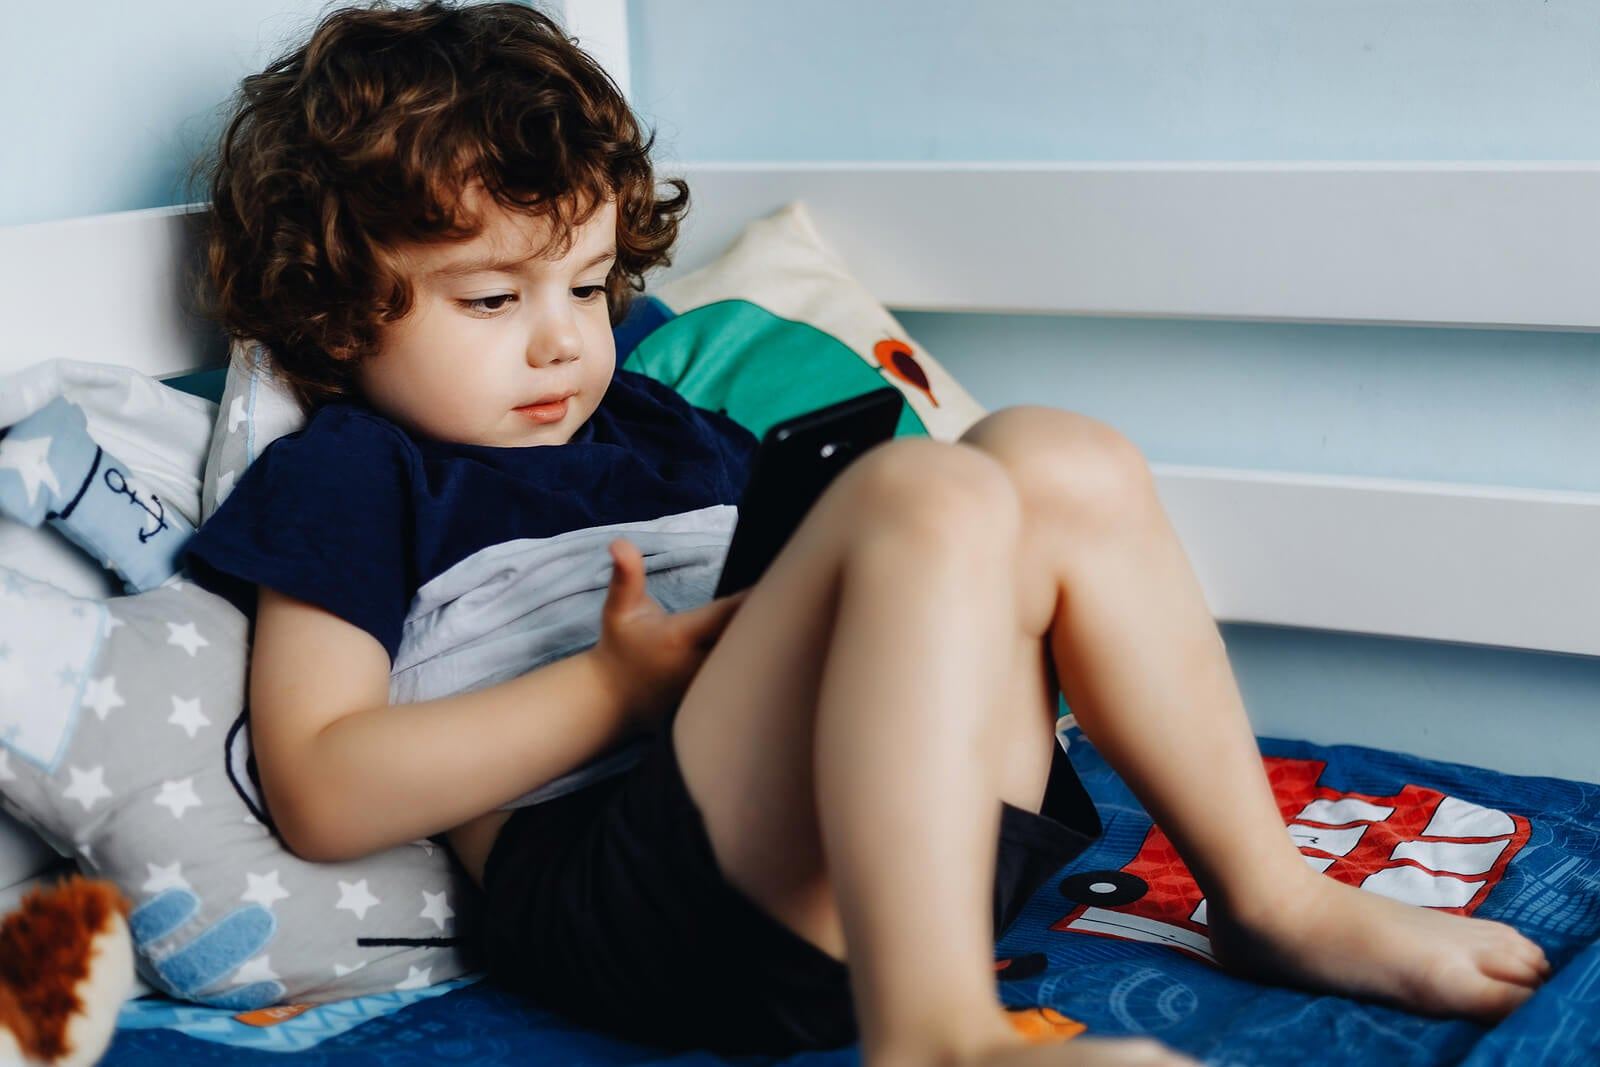 Niño jugando con el móvil porque no es consciente de que el teléfono móvil no es un juguete para niños.